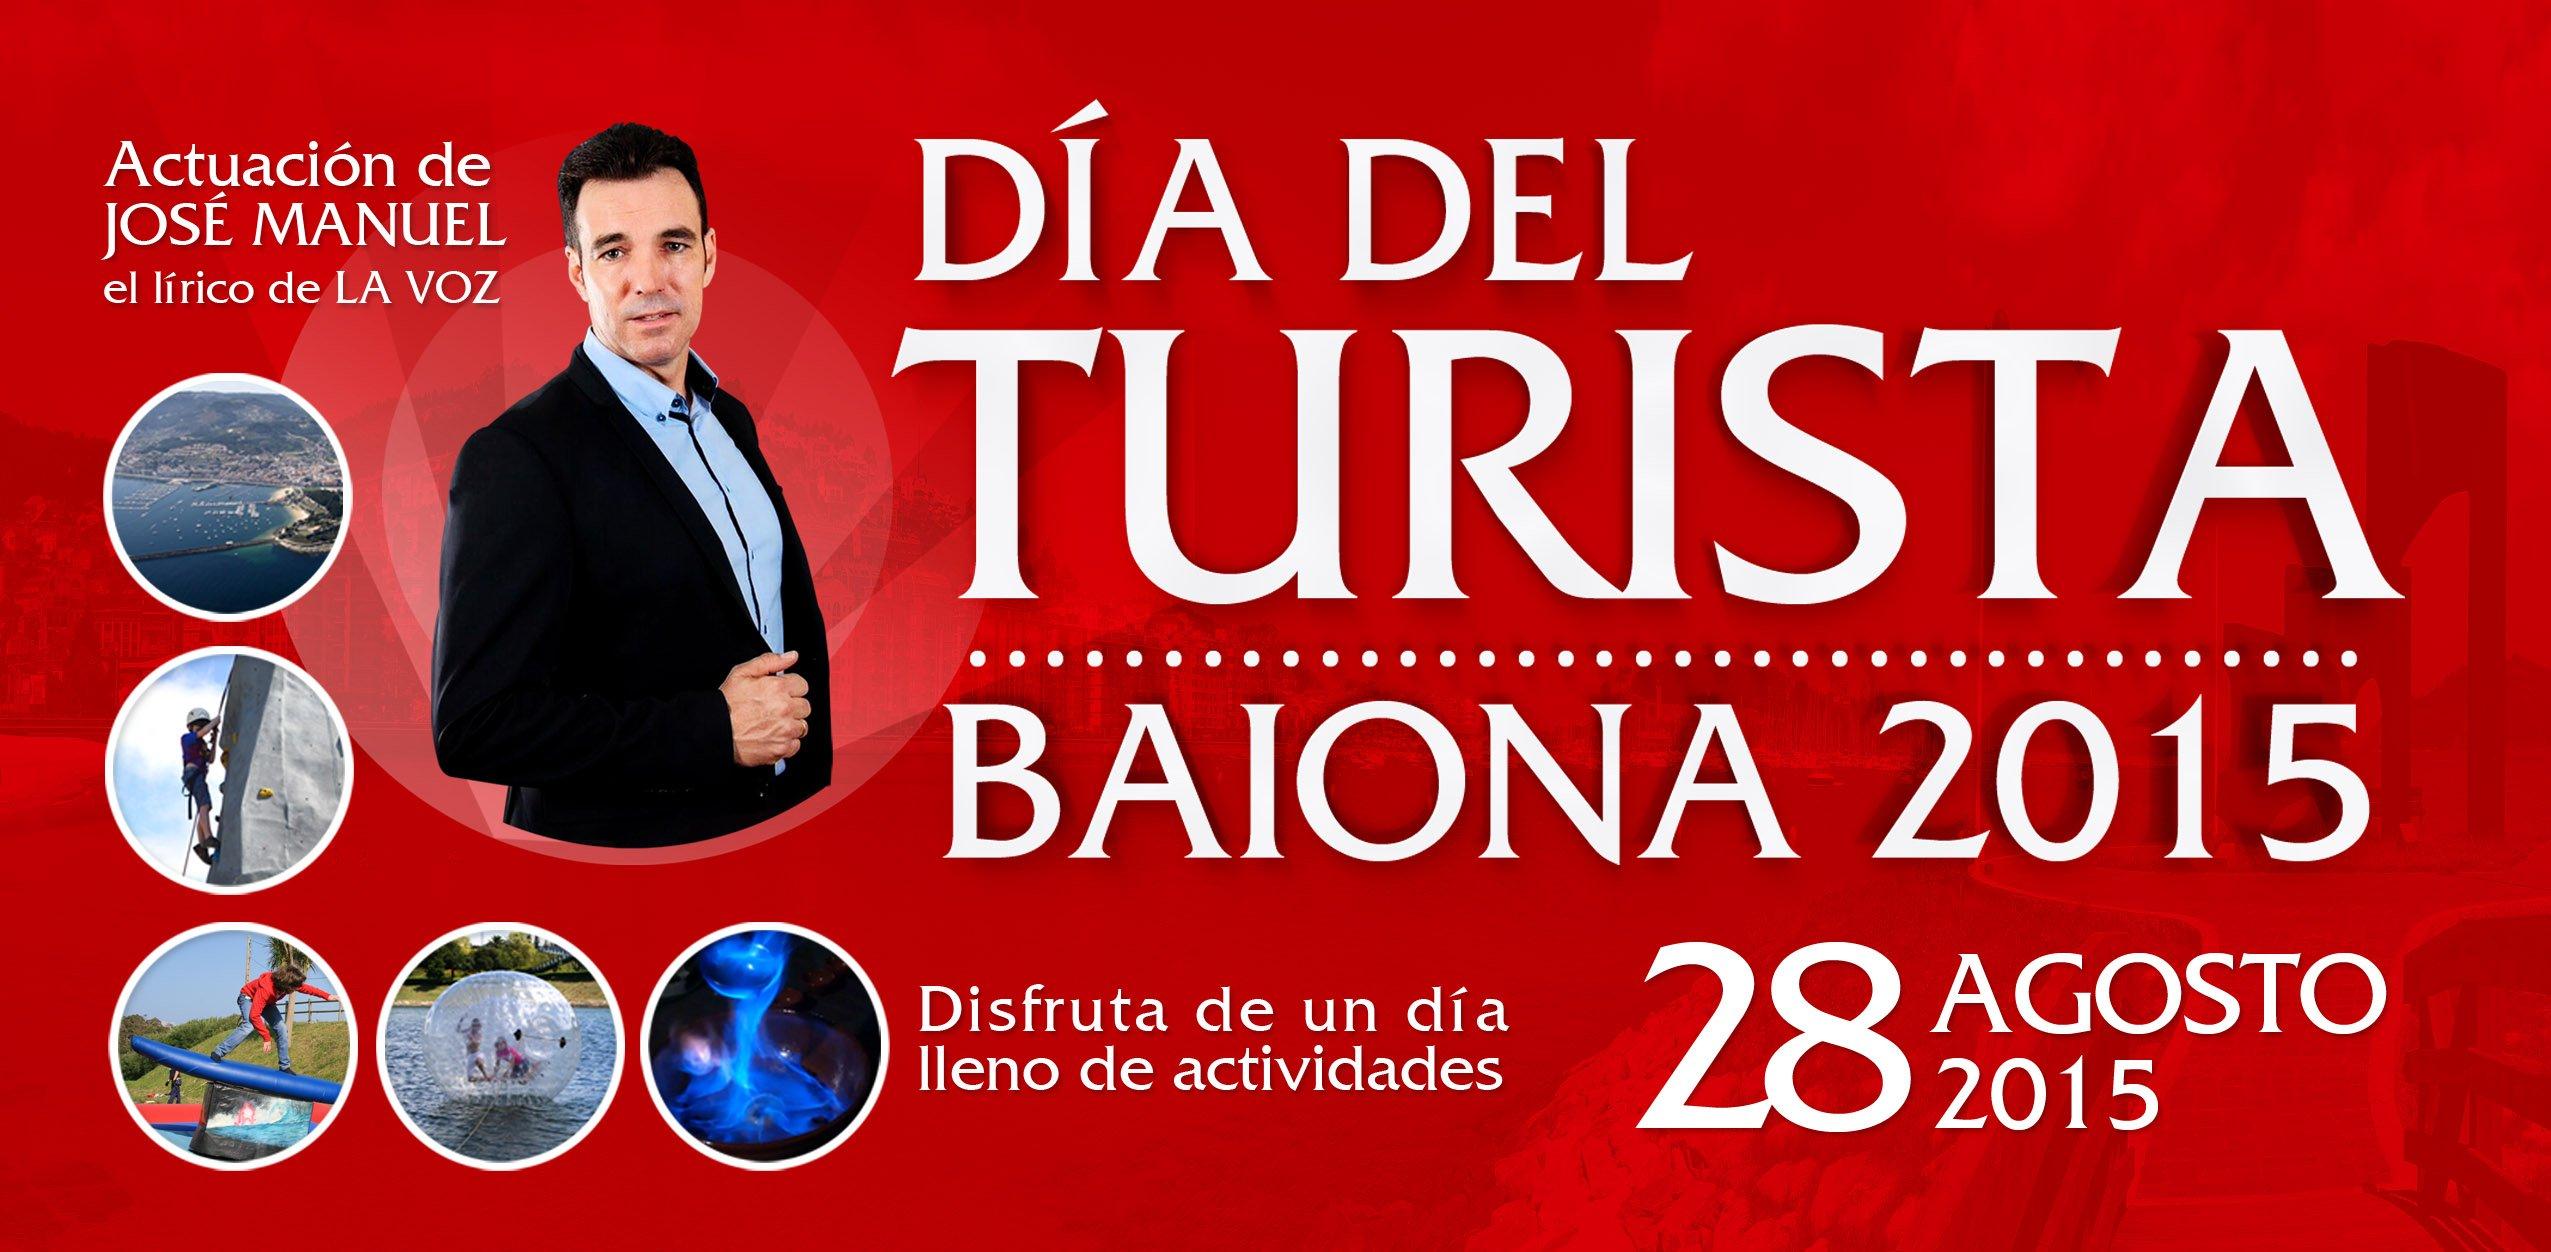 Día del Turista de Baiona 2015